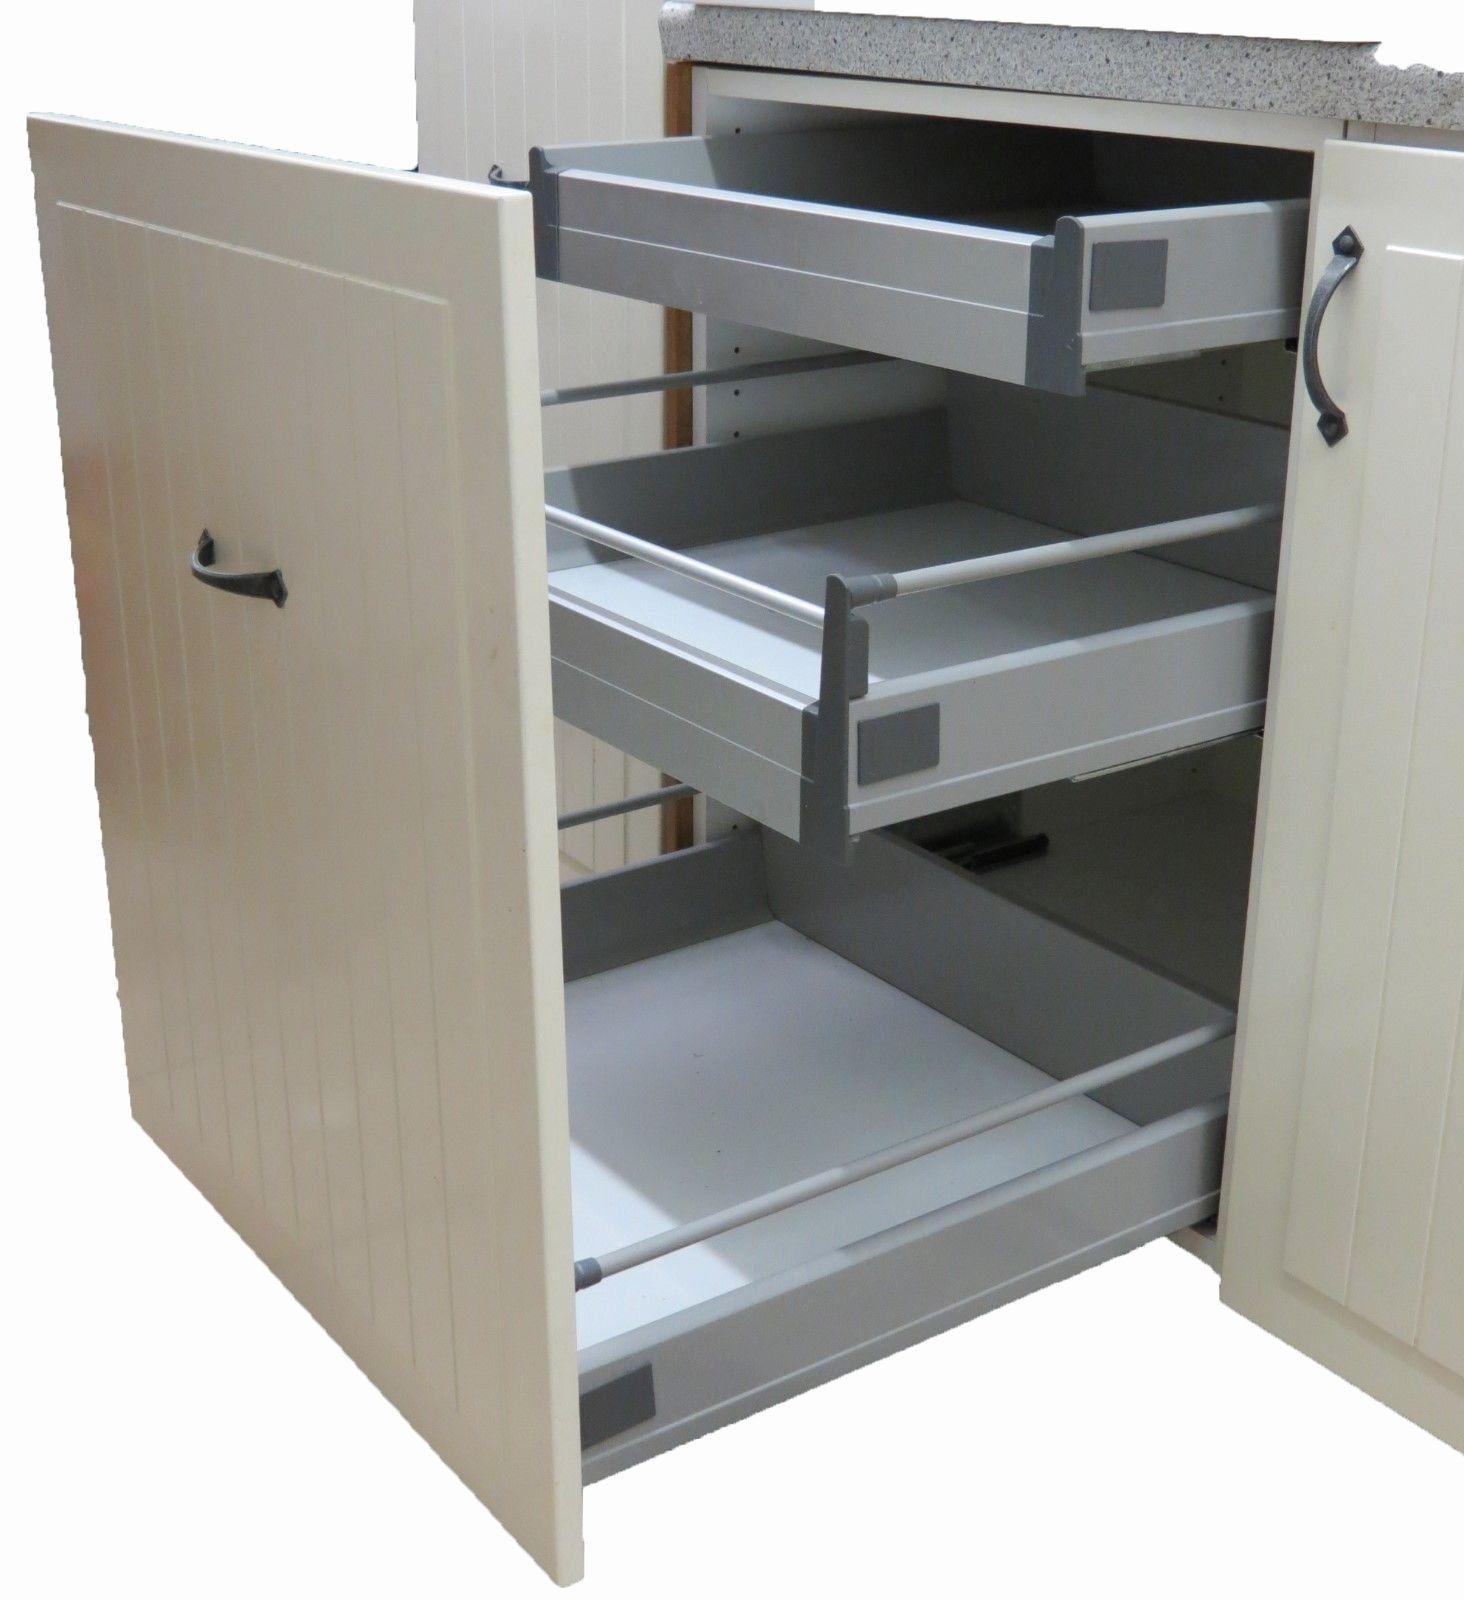 Full Size of Hornbach Unterschrank Küche Unterschrank Küche Weiß Offener Unterschrank Küche Unterschrank Küche Gebraucht Küche Unterschrank Küche